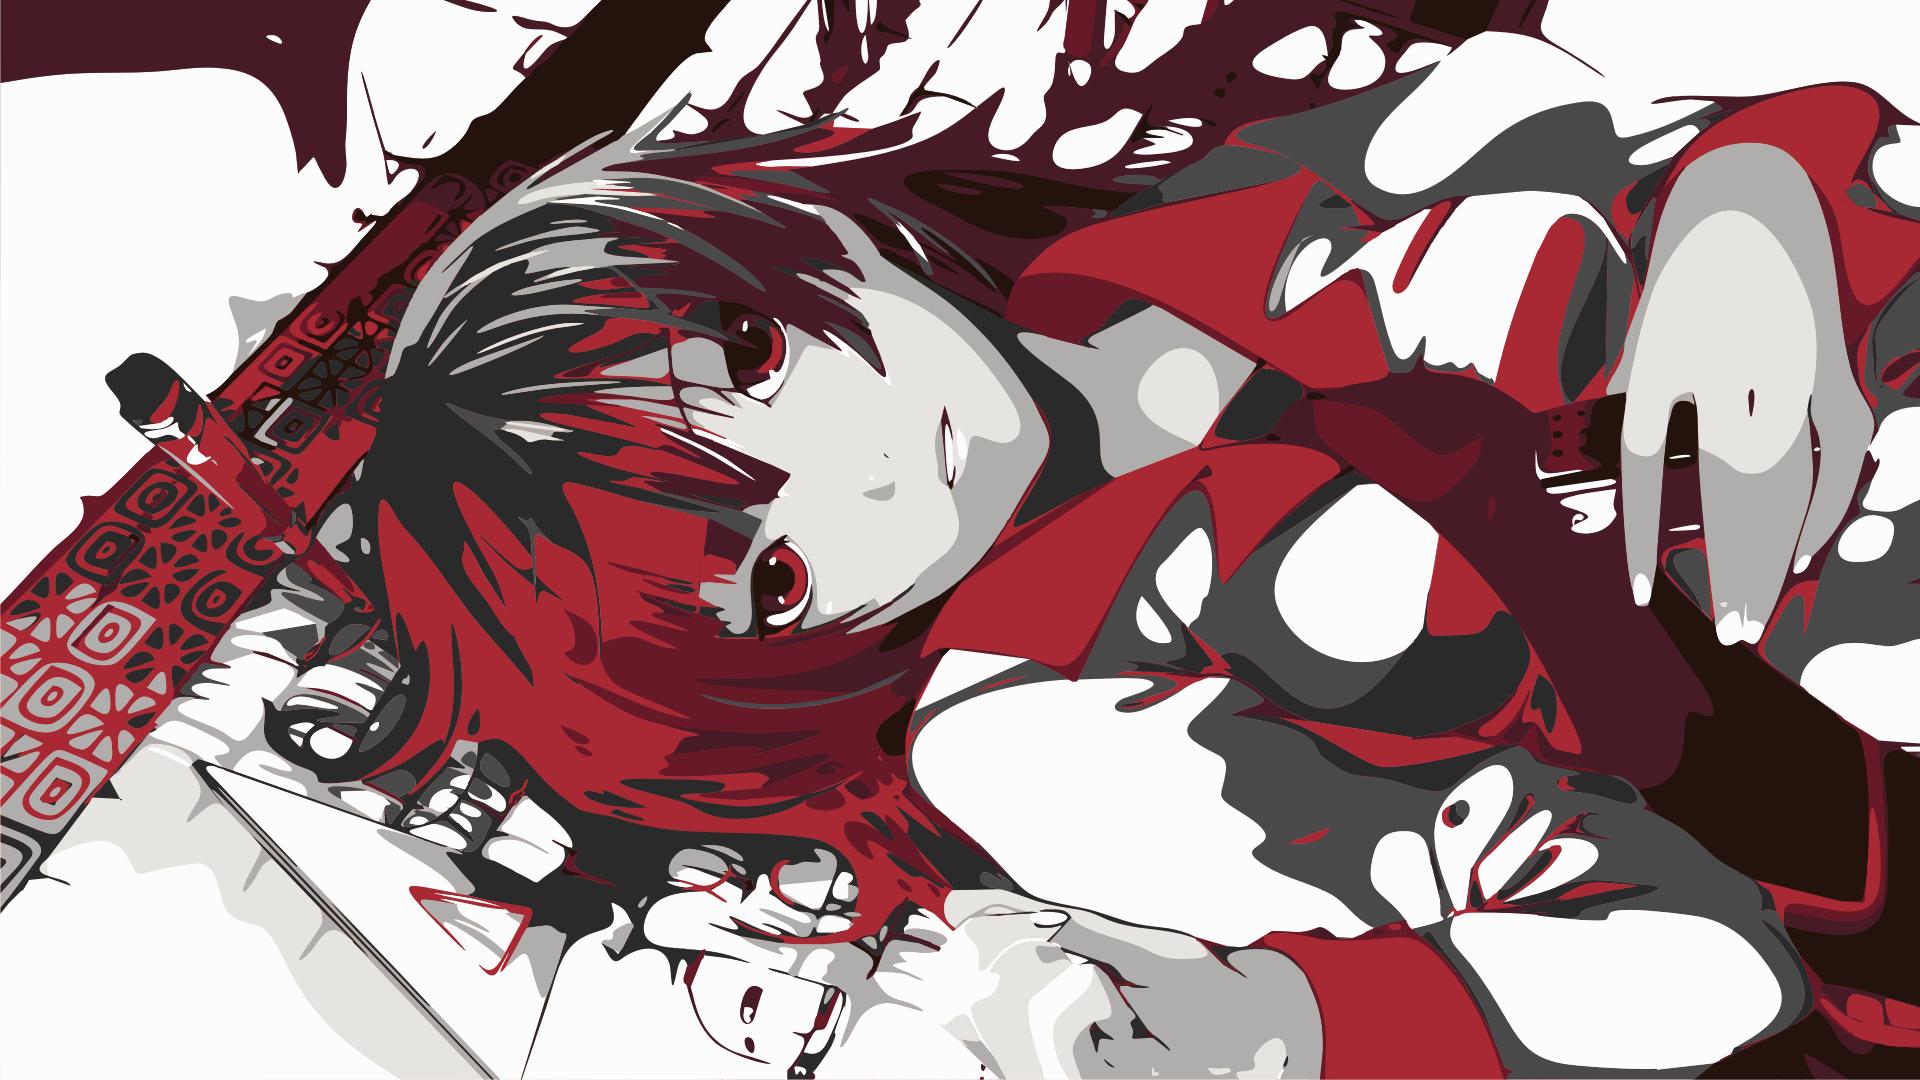 Anime Bakemonogatari Wallpaper Anime Hd Anime Wallpapers Anime Characters